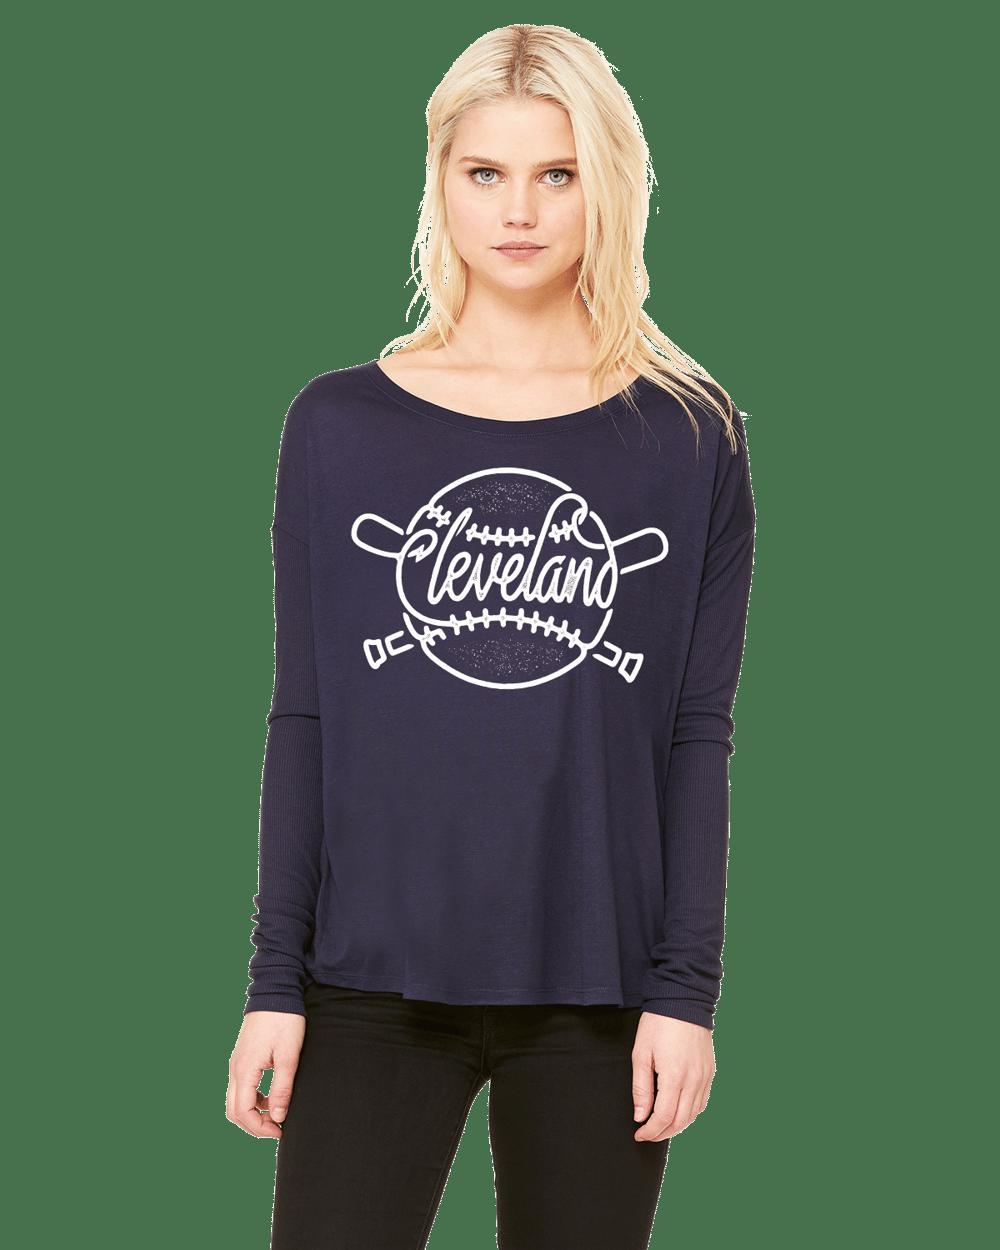 Image of Cleveland Baseball ladies navy long sleeve shirt